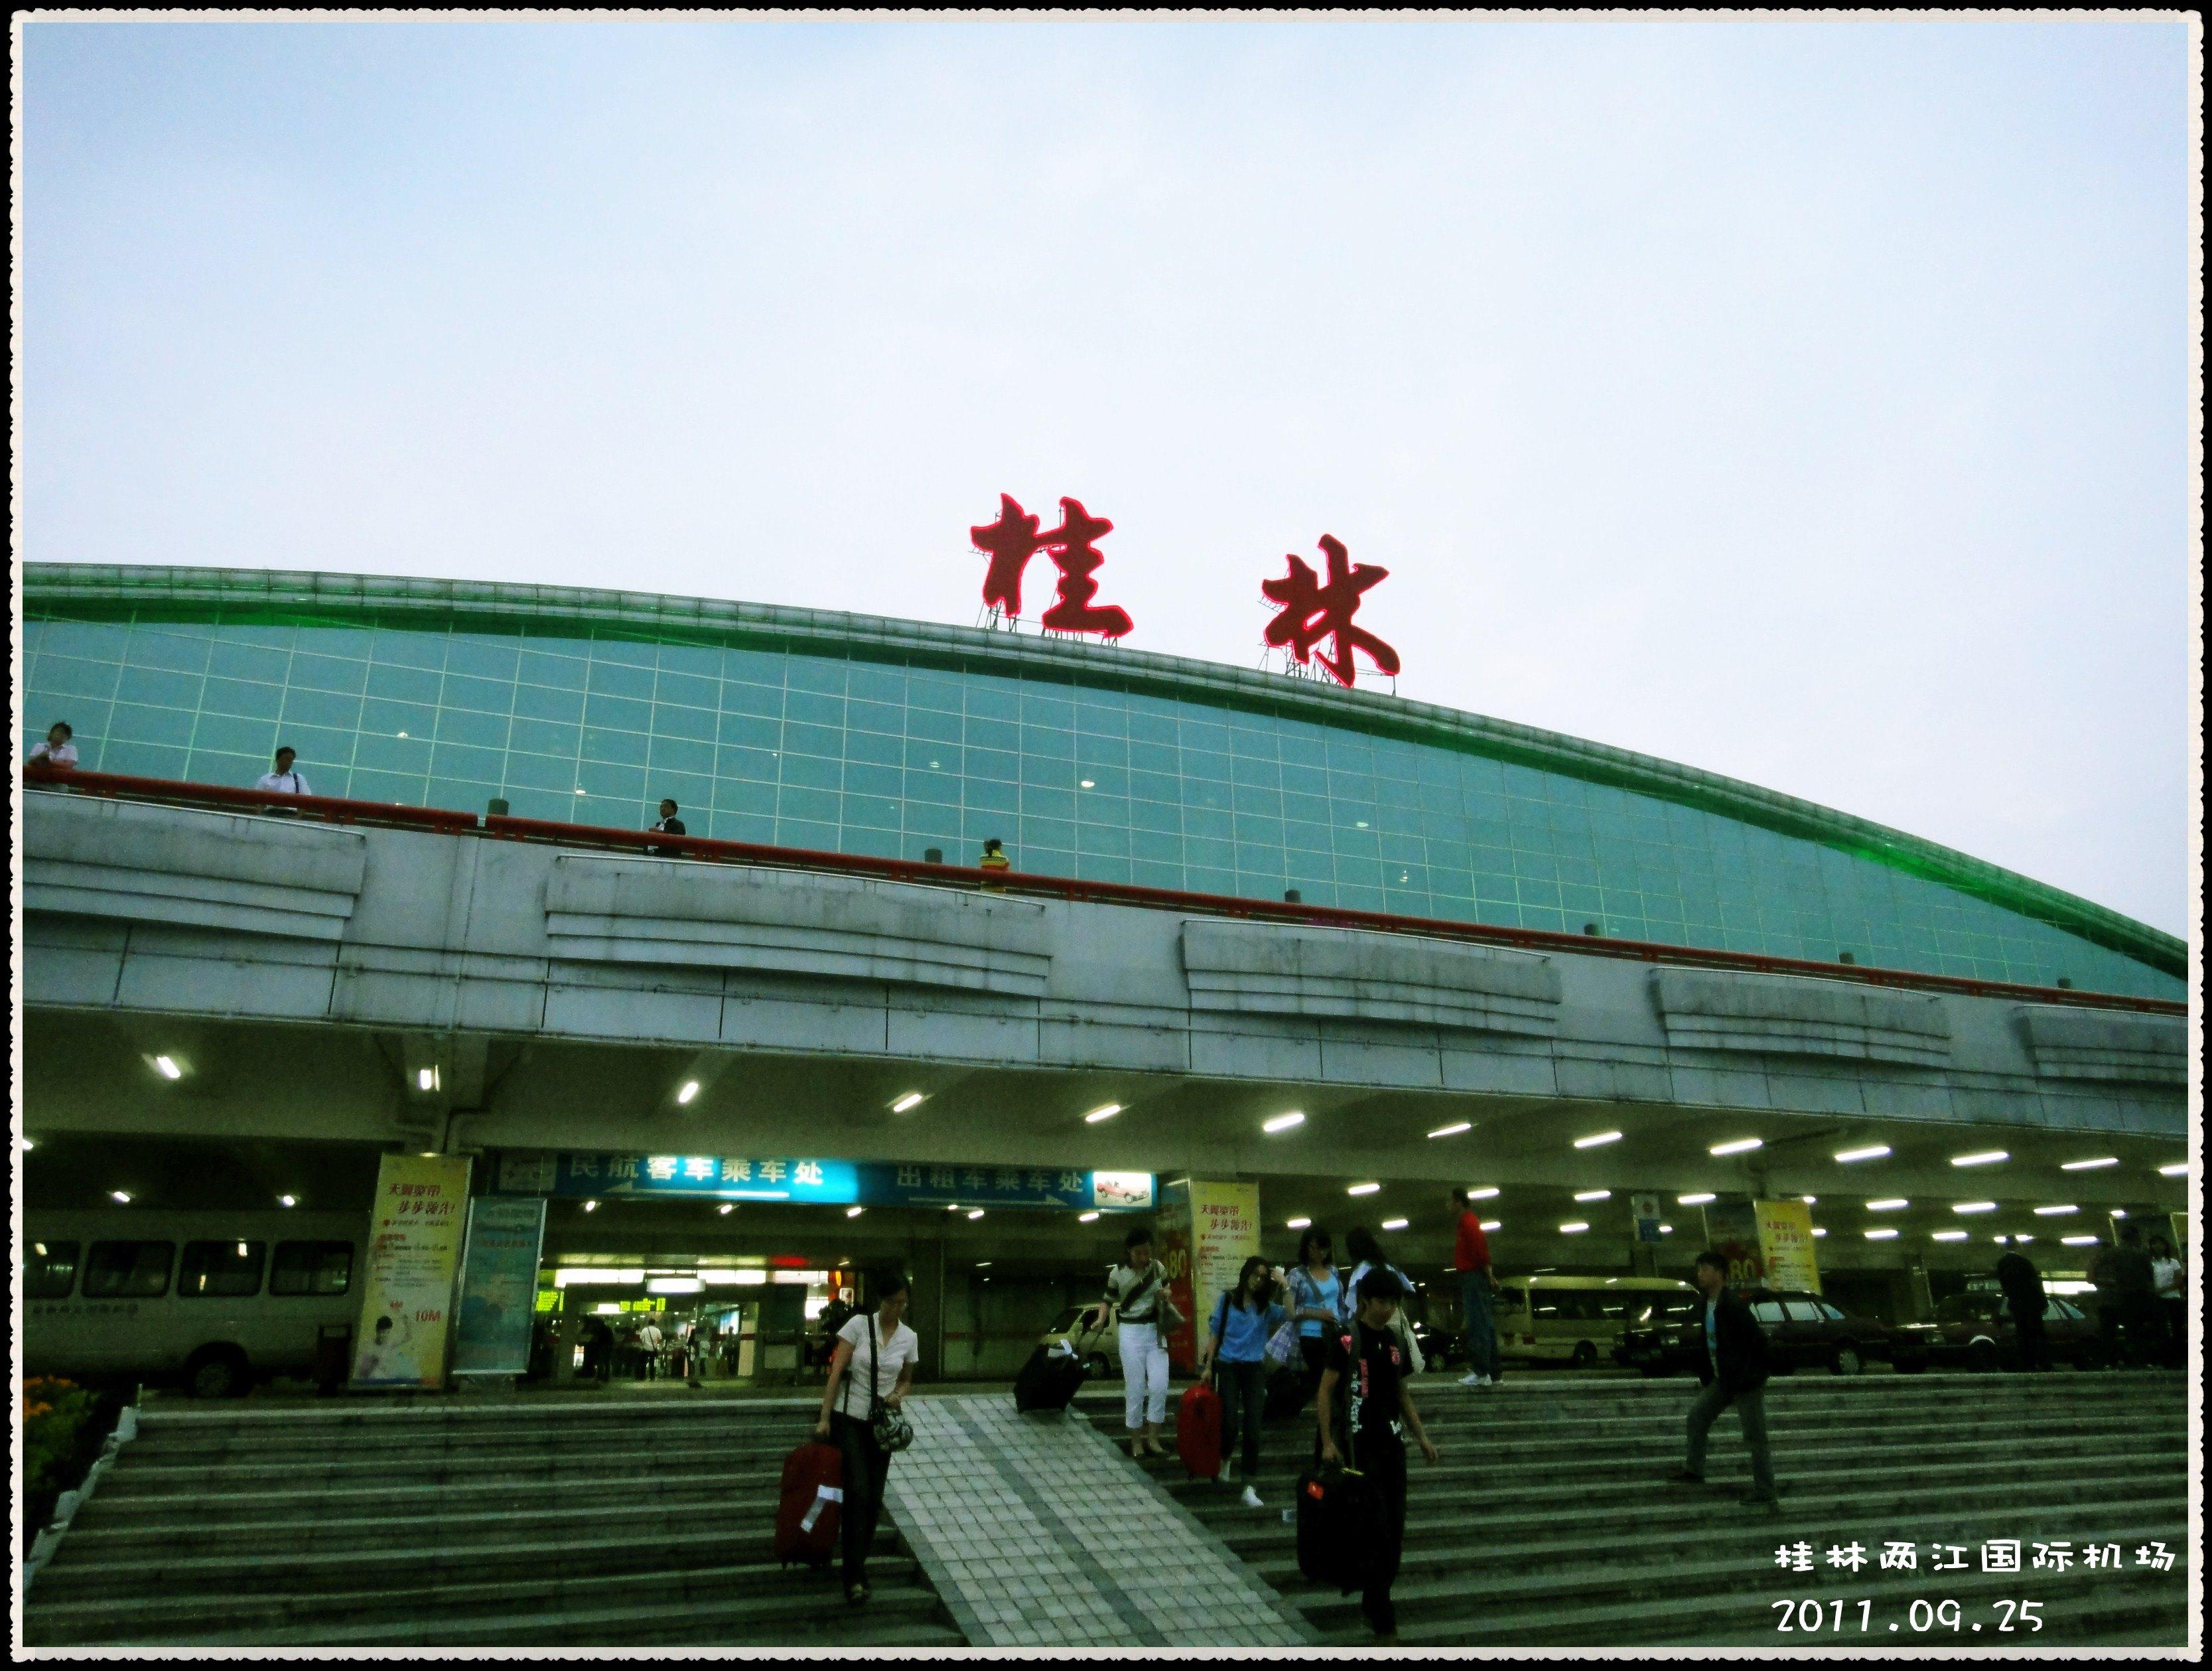 【携程攻略】桂林两江国际机场怎麼样/怎麼去